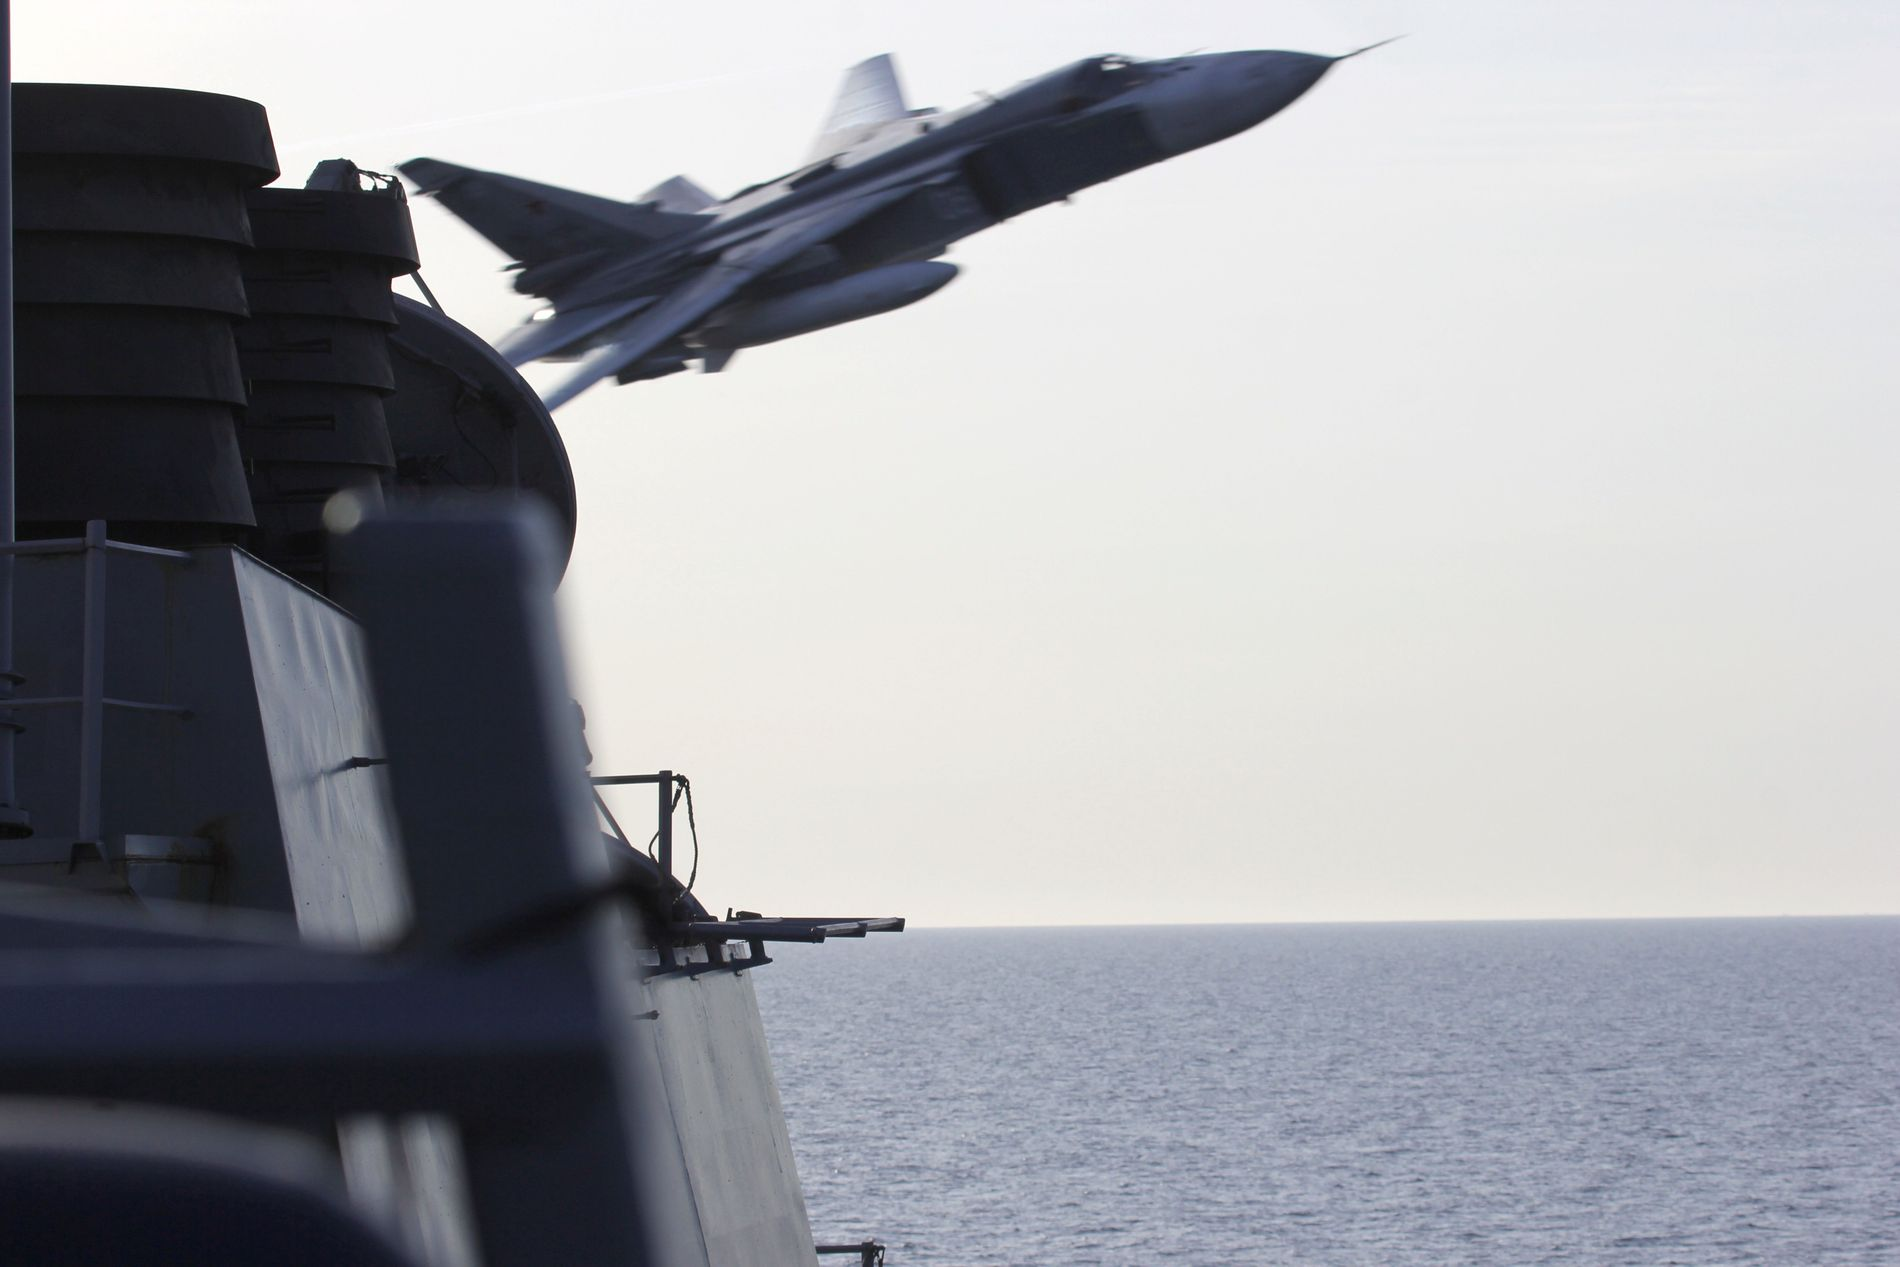 NÆRE PÅ: 12.april i fjor fikk den amerikanske  destroyeren USS Donald Cook nærkontakt med et russisk SU24 kampfly i internasjonalt farvann i Østersjøen, utenfor kysten av den russiske enklaven Kaliningrad.